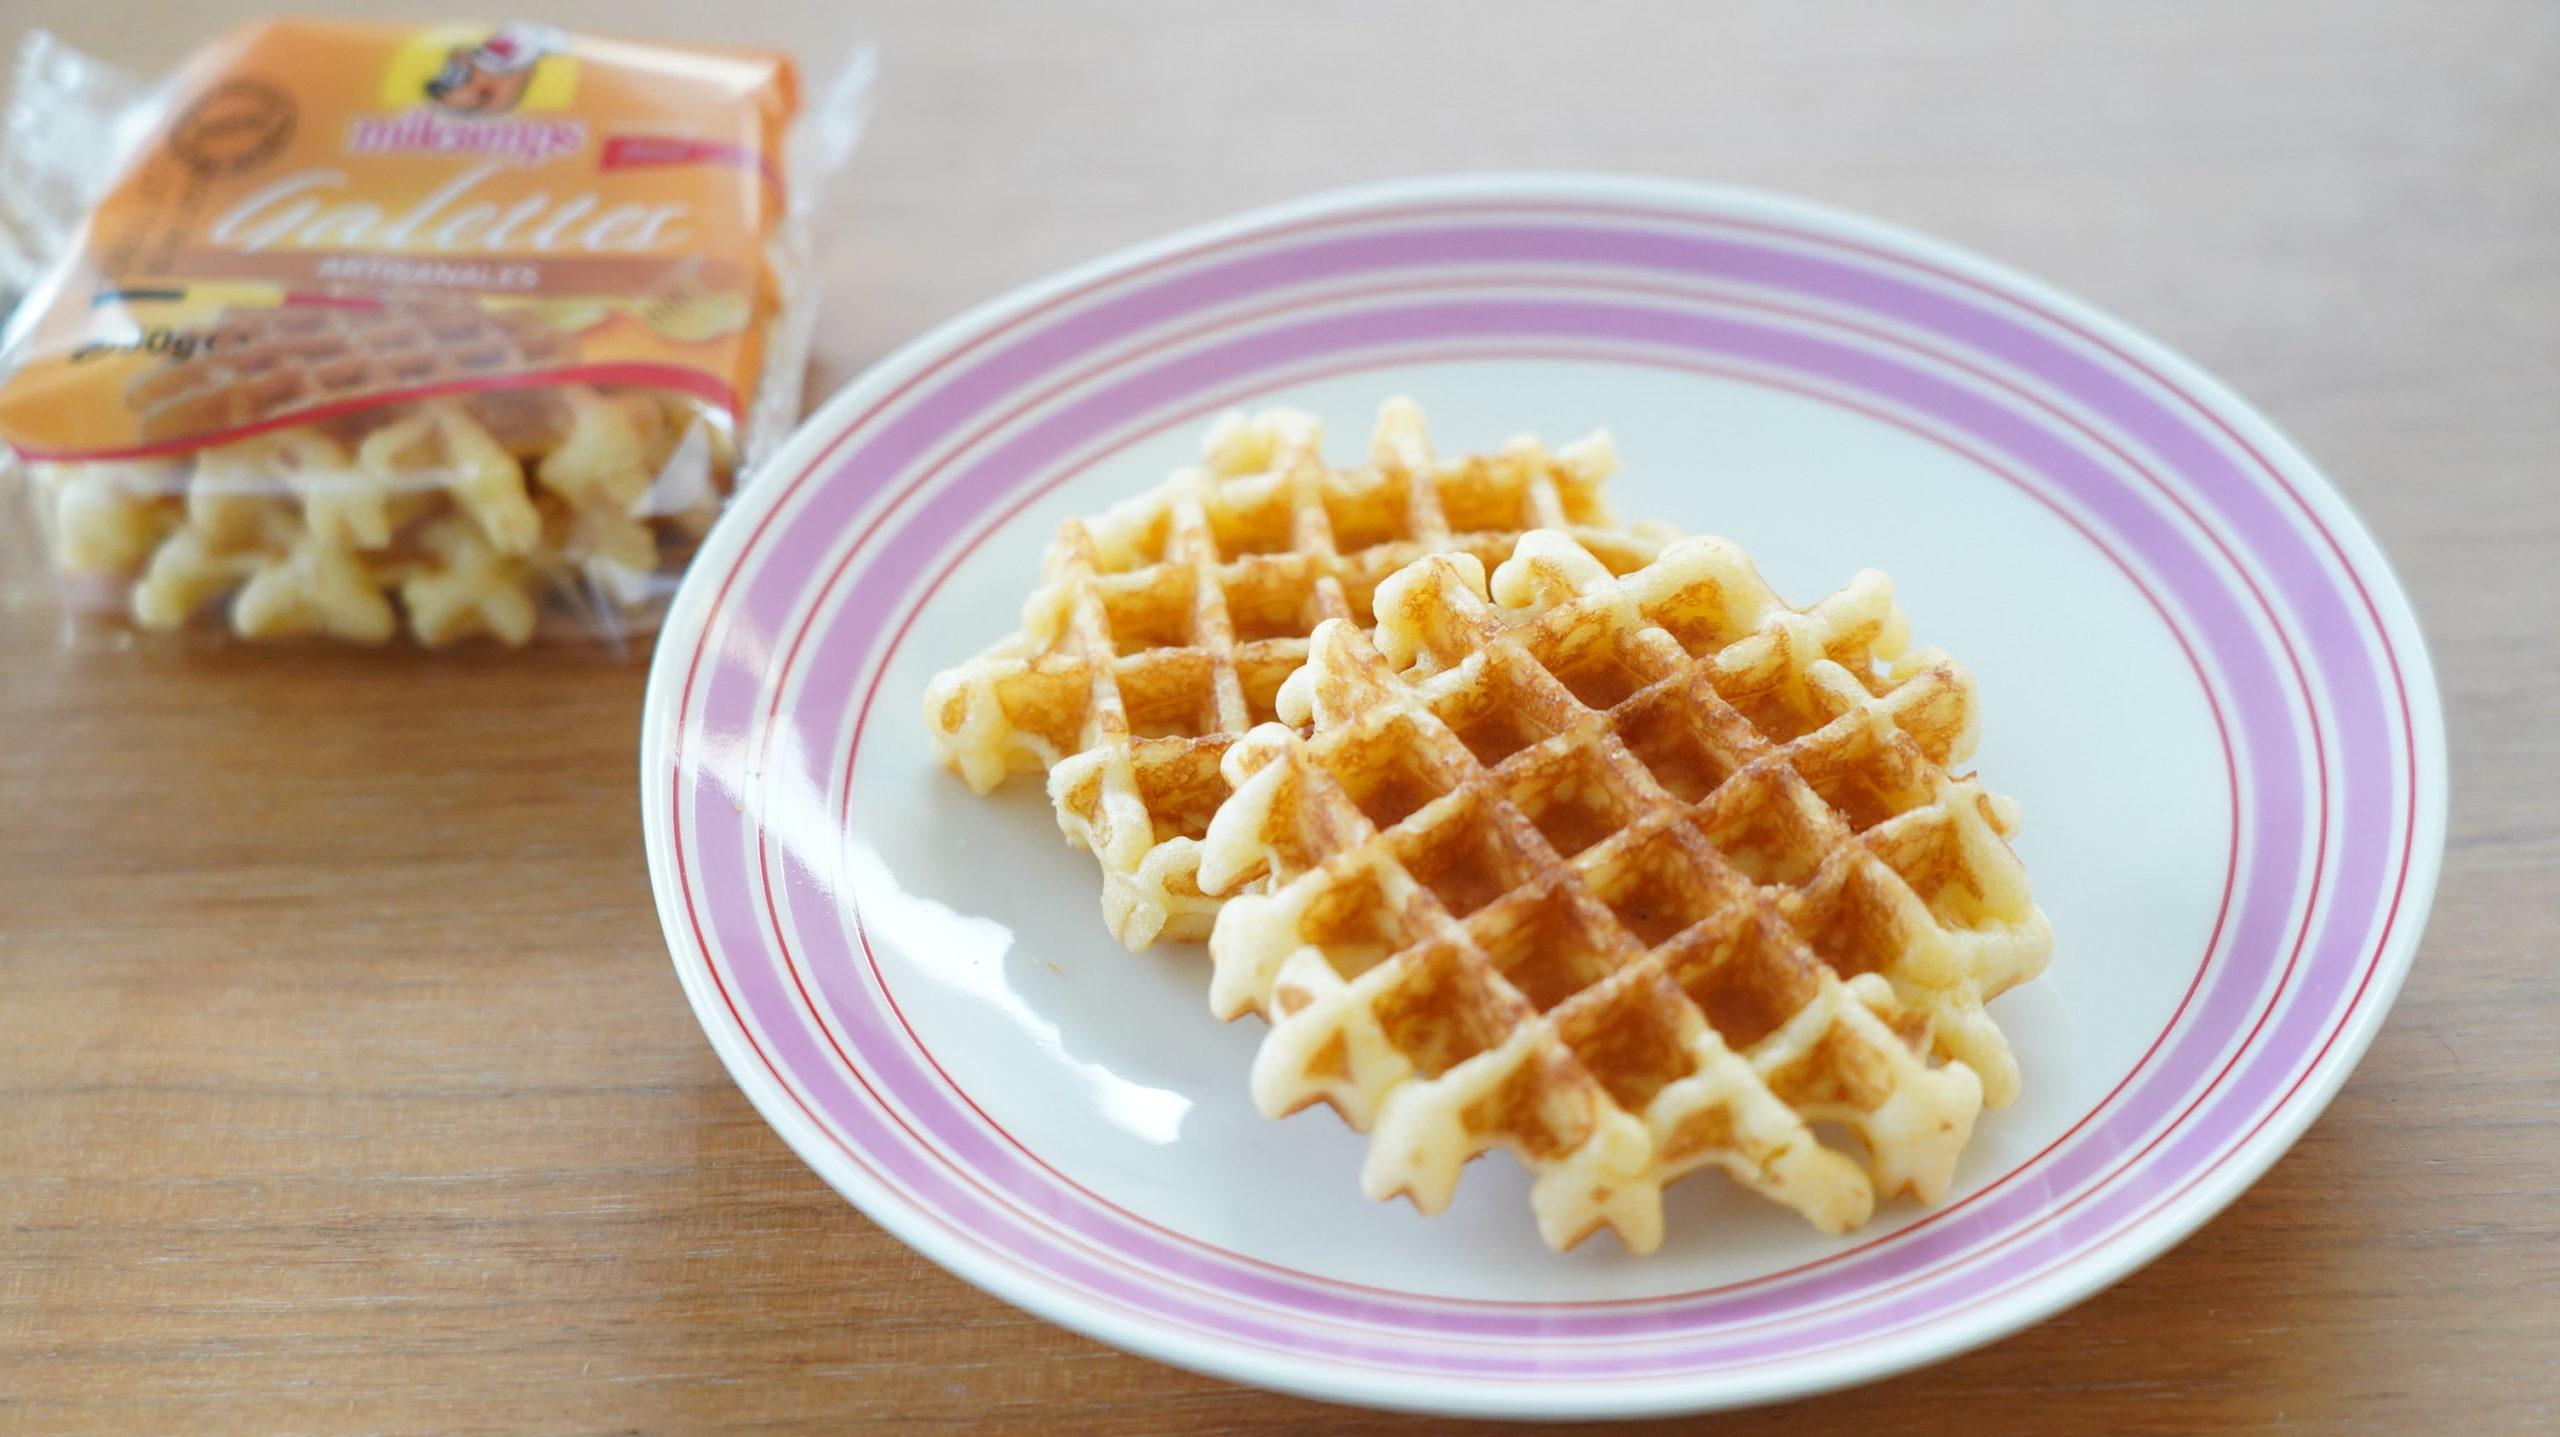 コストコの冷凍食品「ベルギー・バターワッフル」を皿に盛り付けた写真